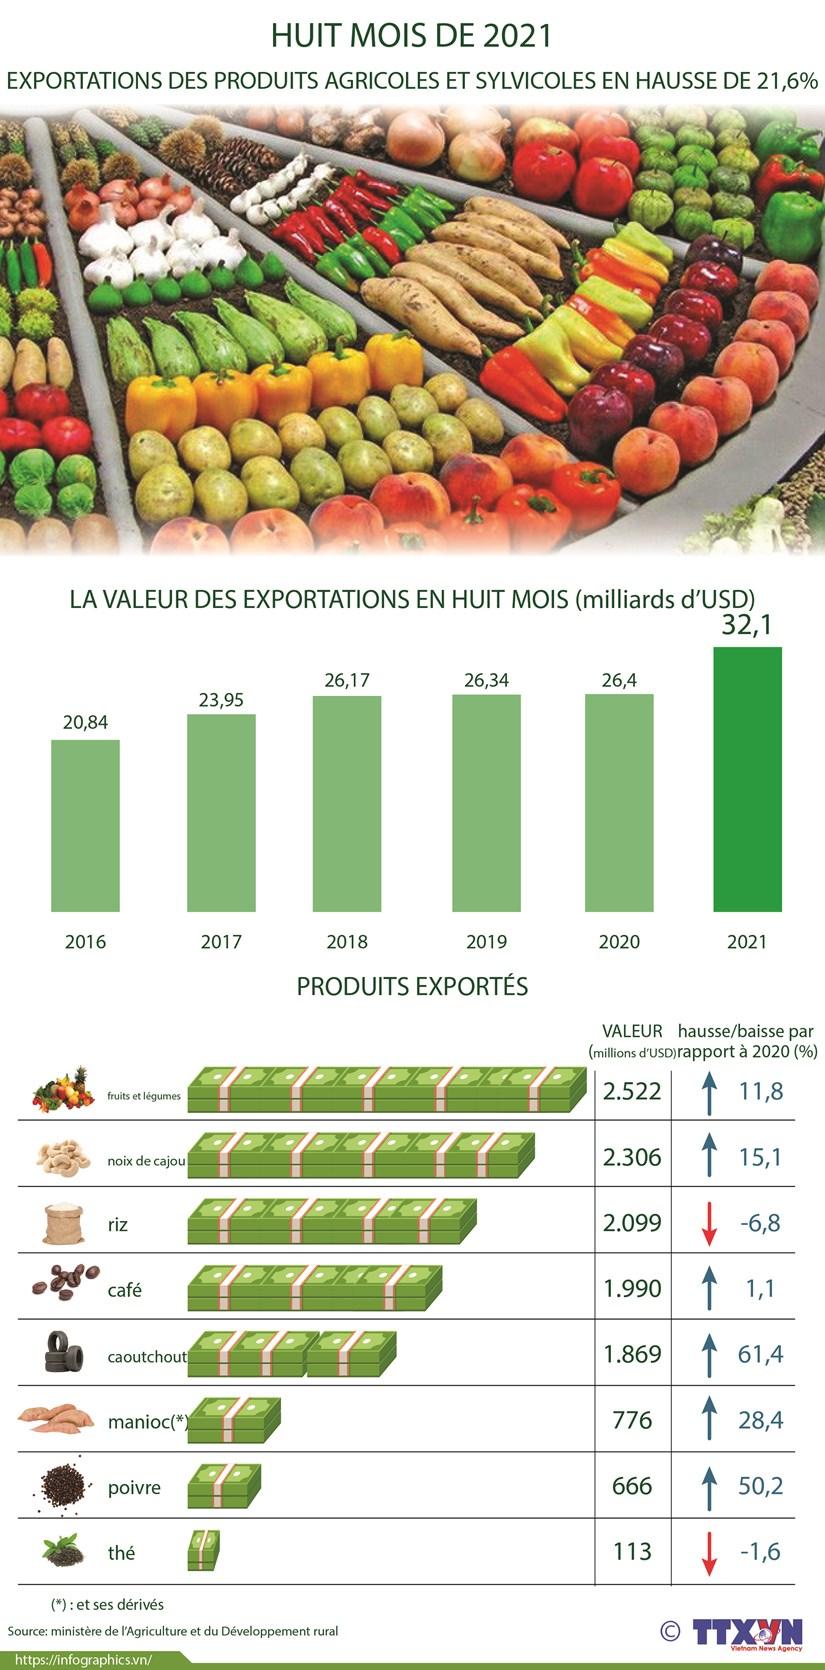 Exportations des produits agricoles et sylvicoles en huit mois 2021 hinh anh 1